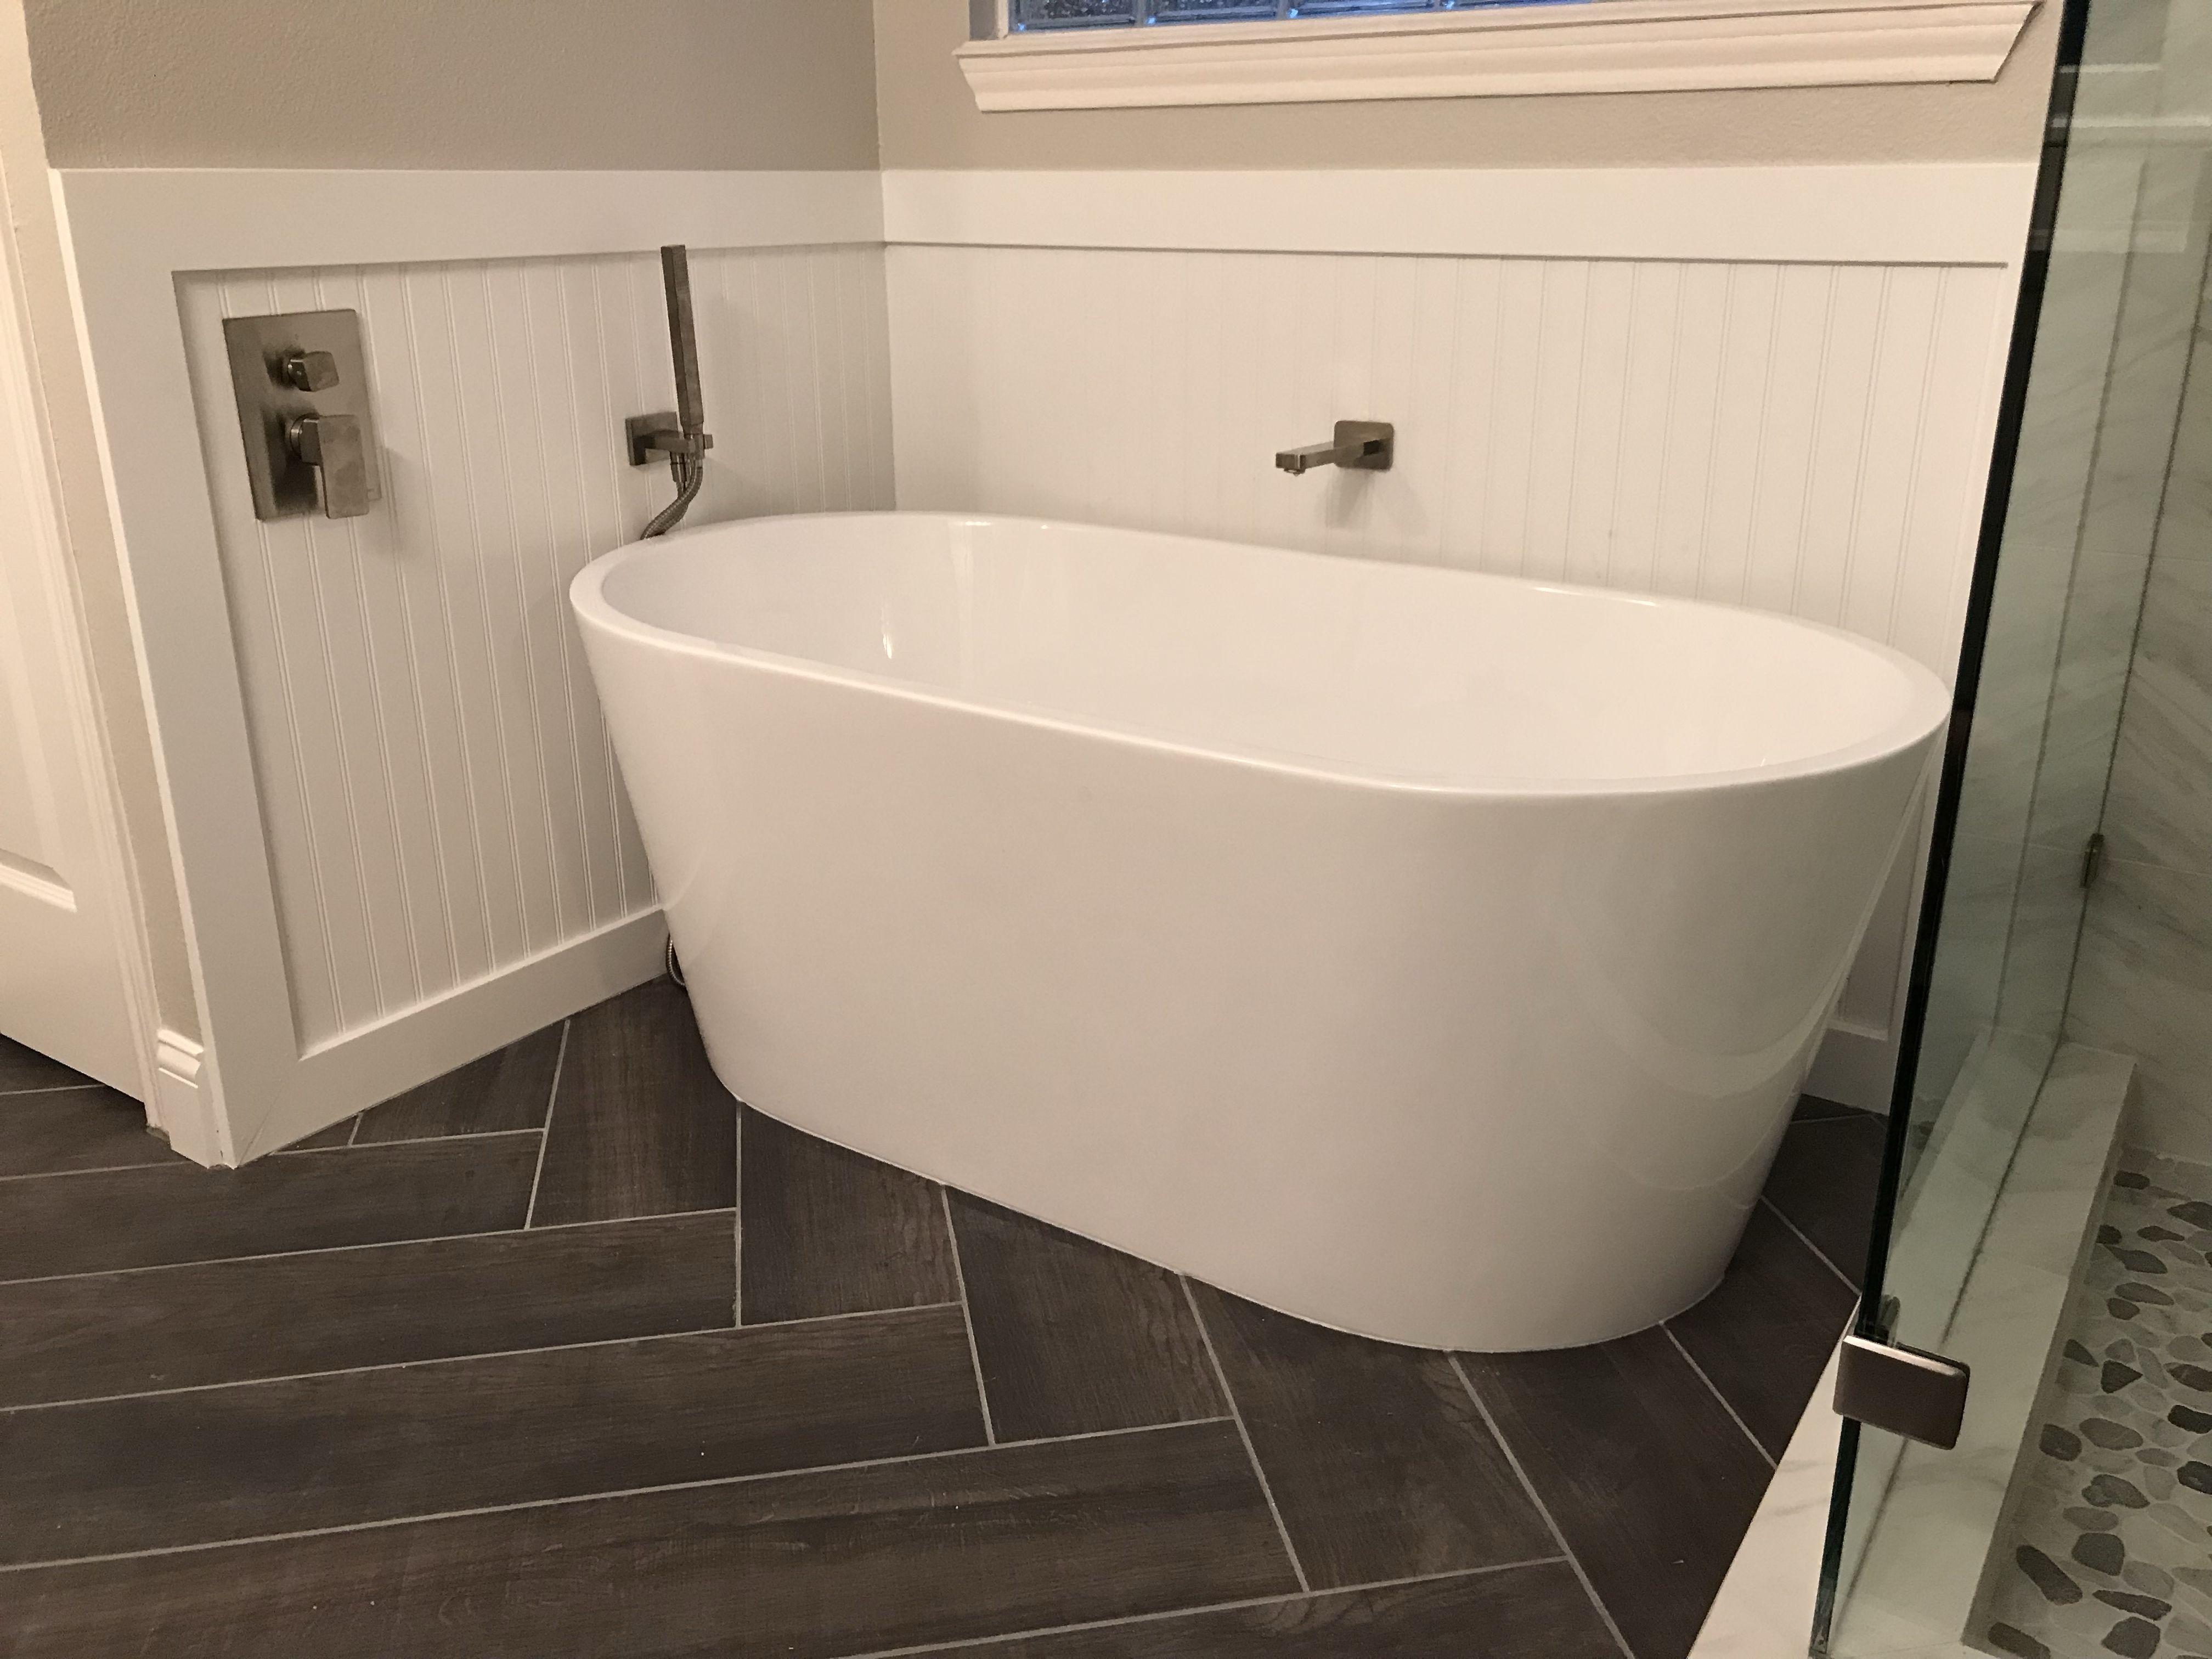 Free Standing Tub On Herringbone Wood Tile Plank Floor With